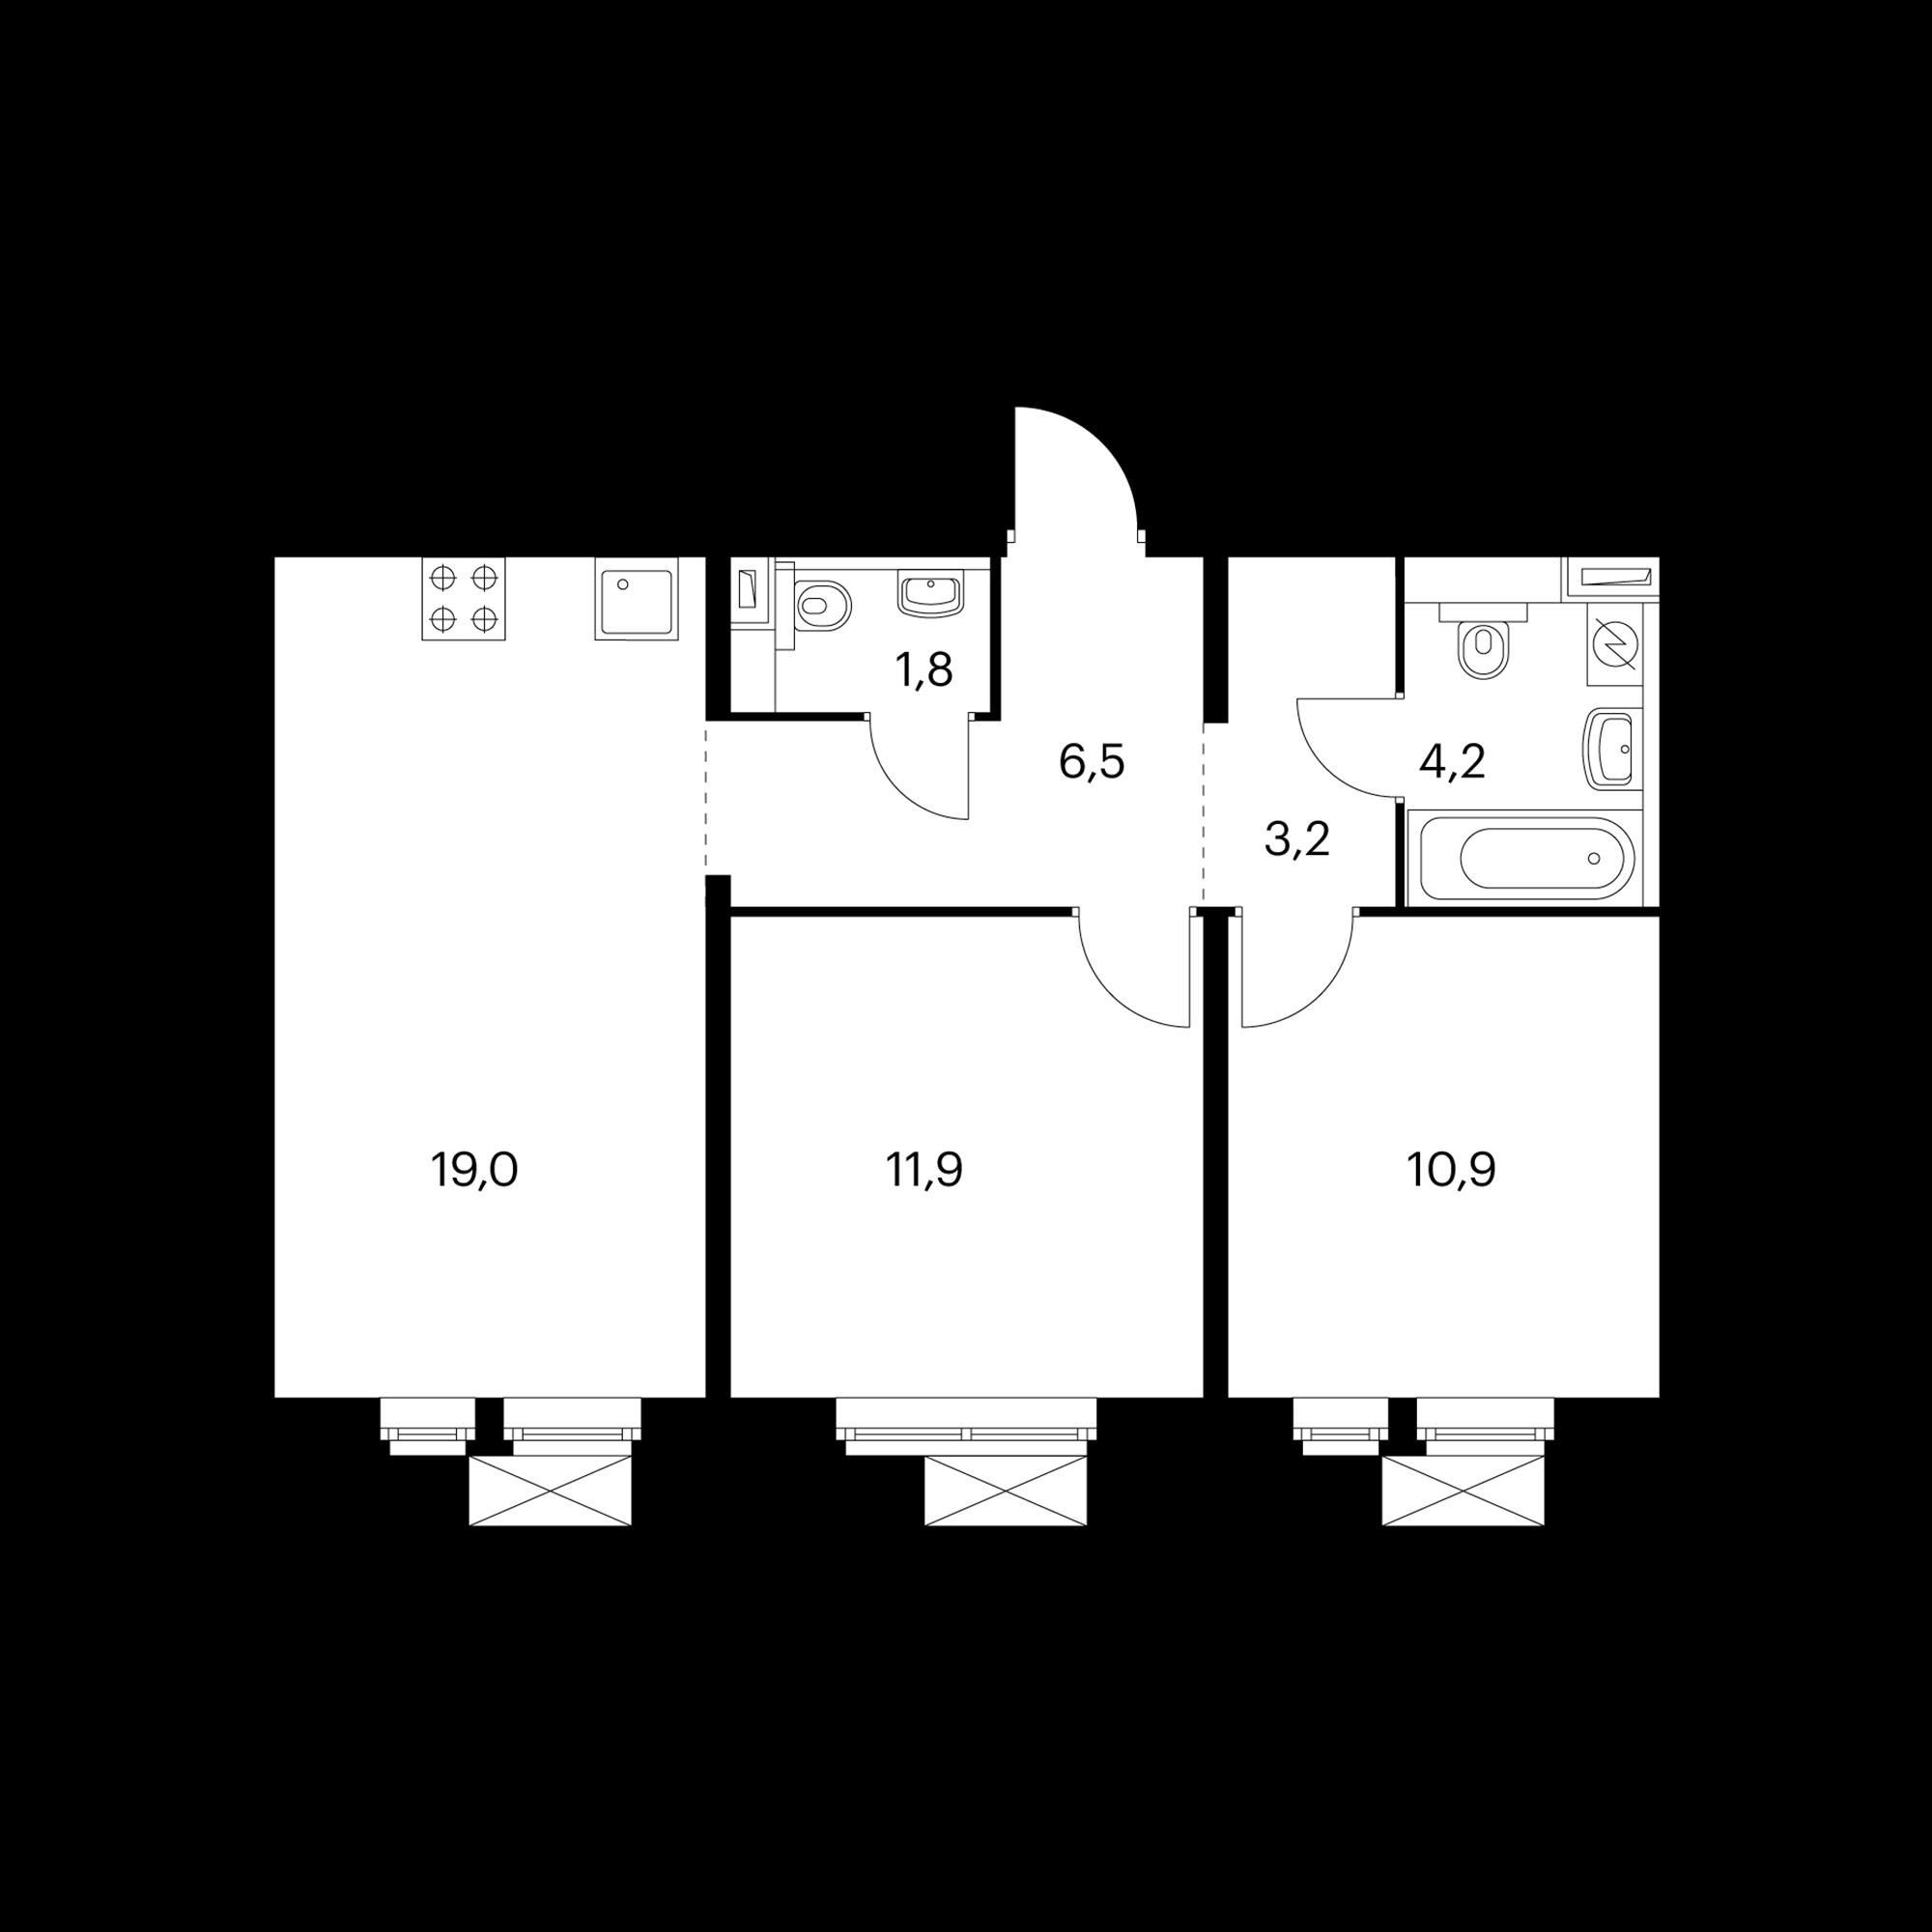 2EM8*_10.2-1_S_Z